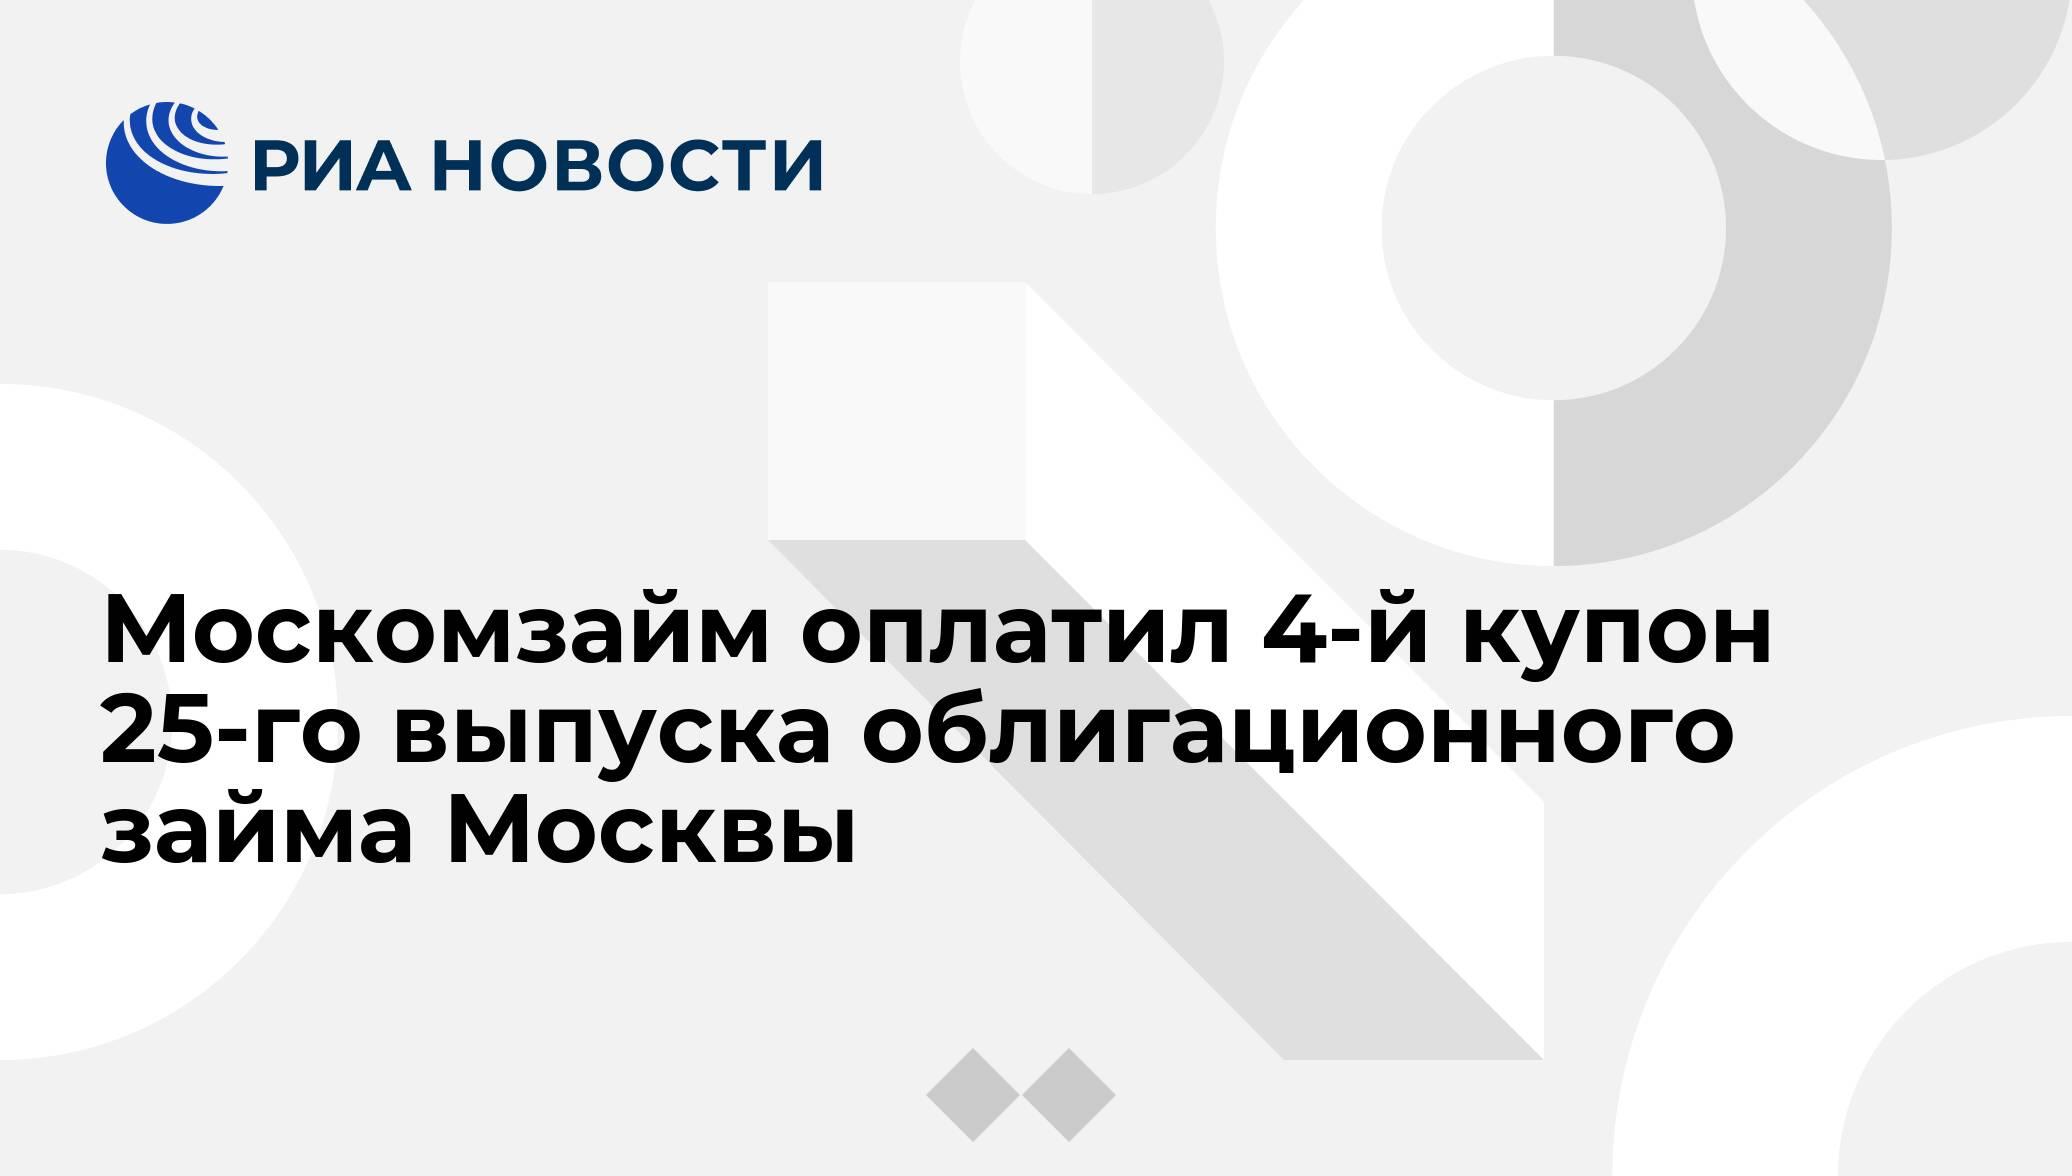 выпуск облигационного займа рефинансирование кредита банк москвы калькулятор